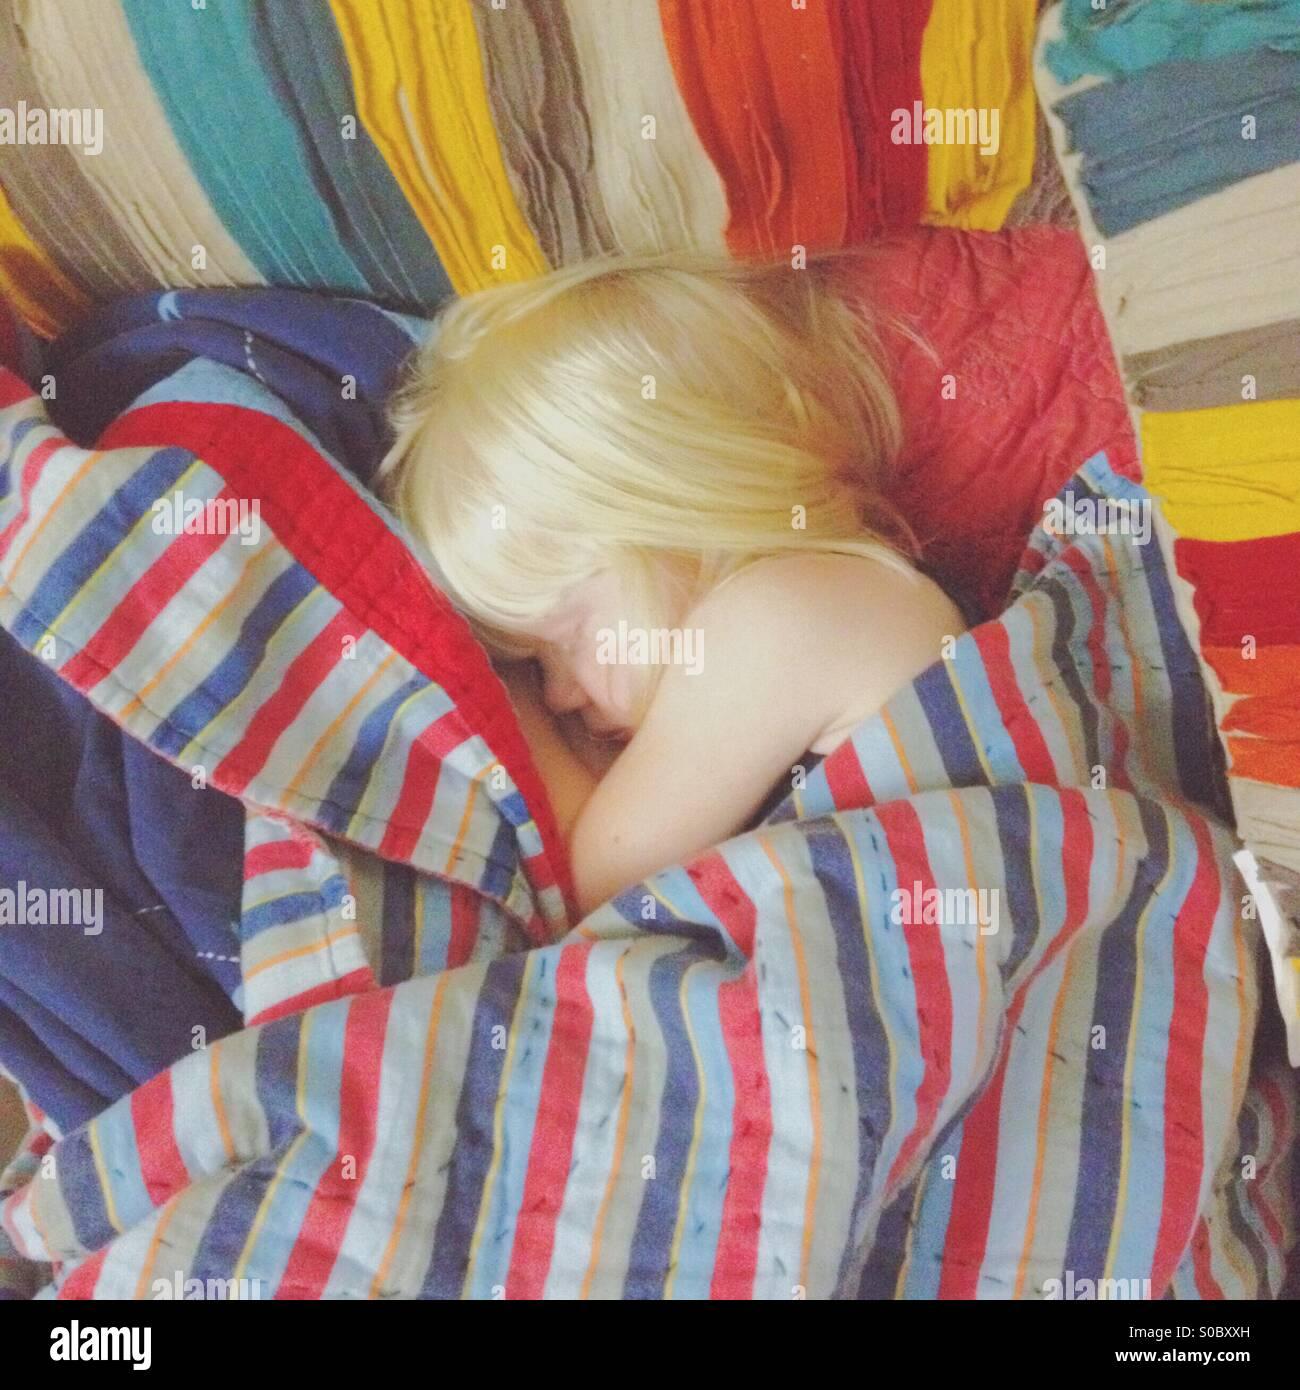 Giovane ragazza bionda addormentato avvolto in un certo numero delle colorate coperte. Immagini Stock